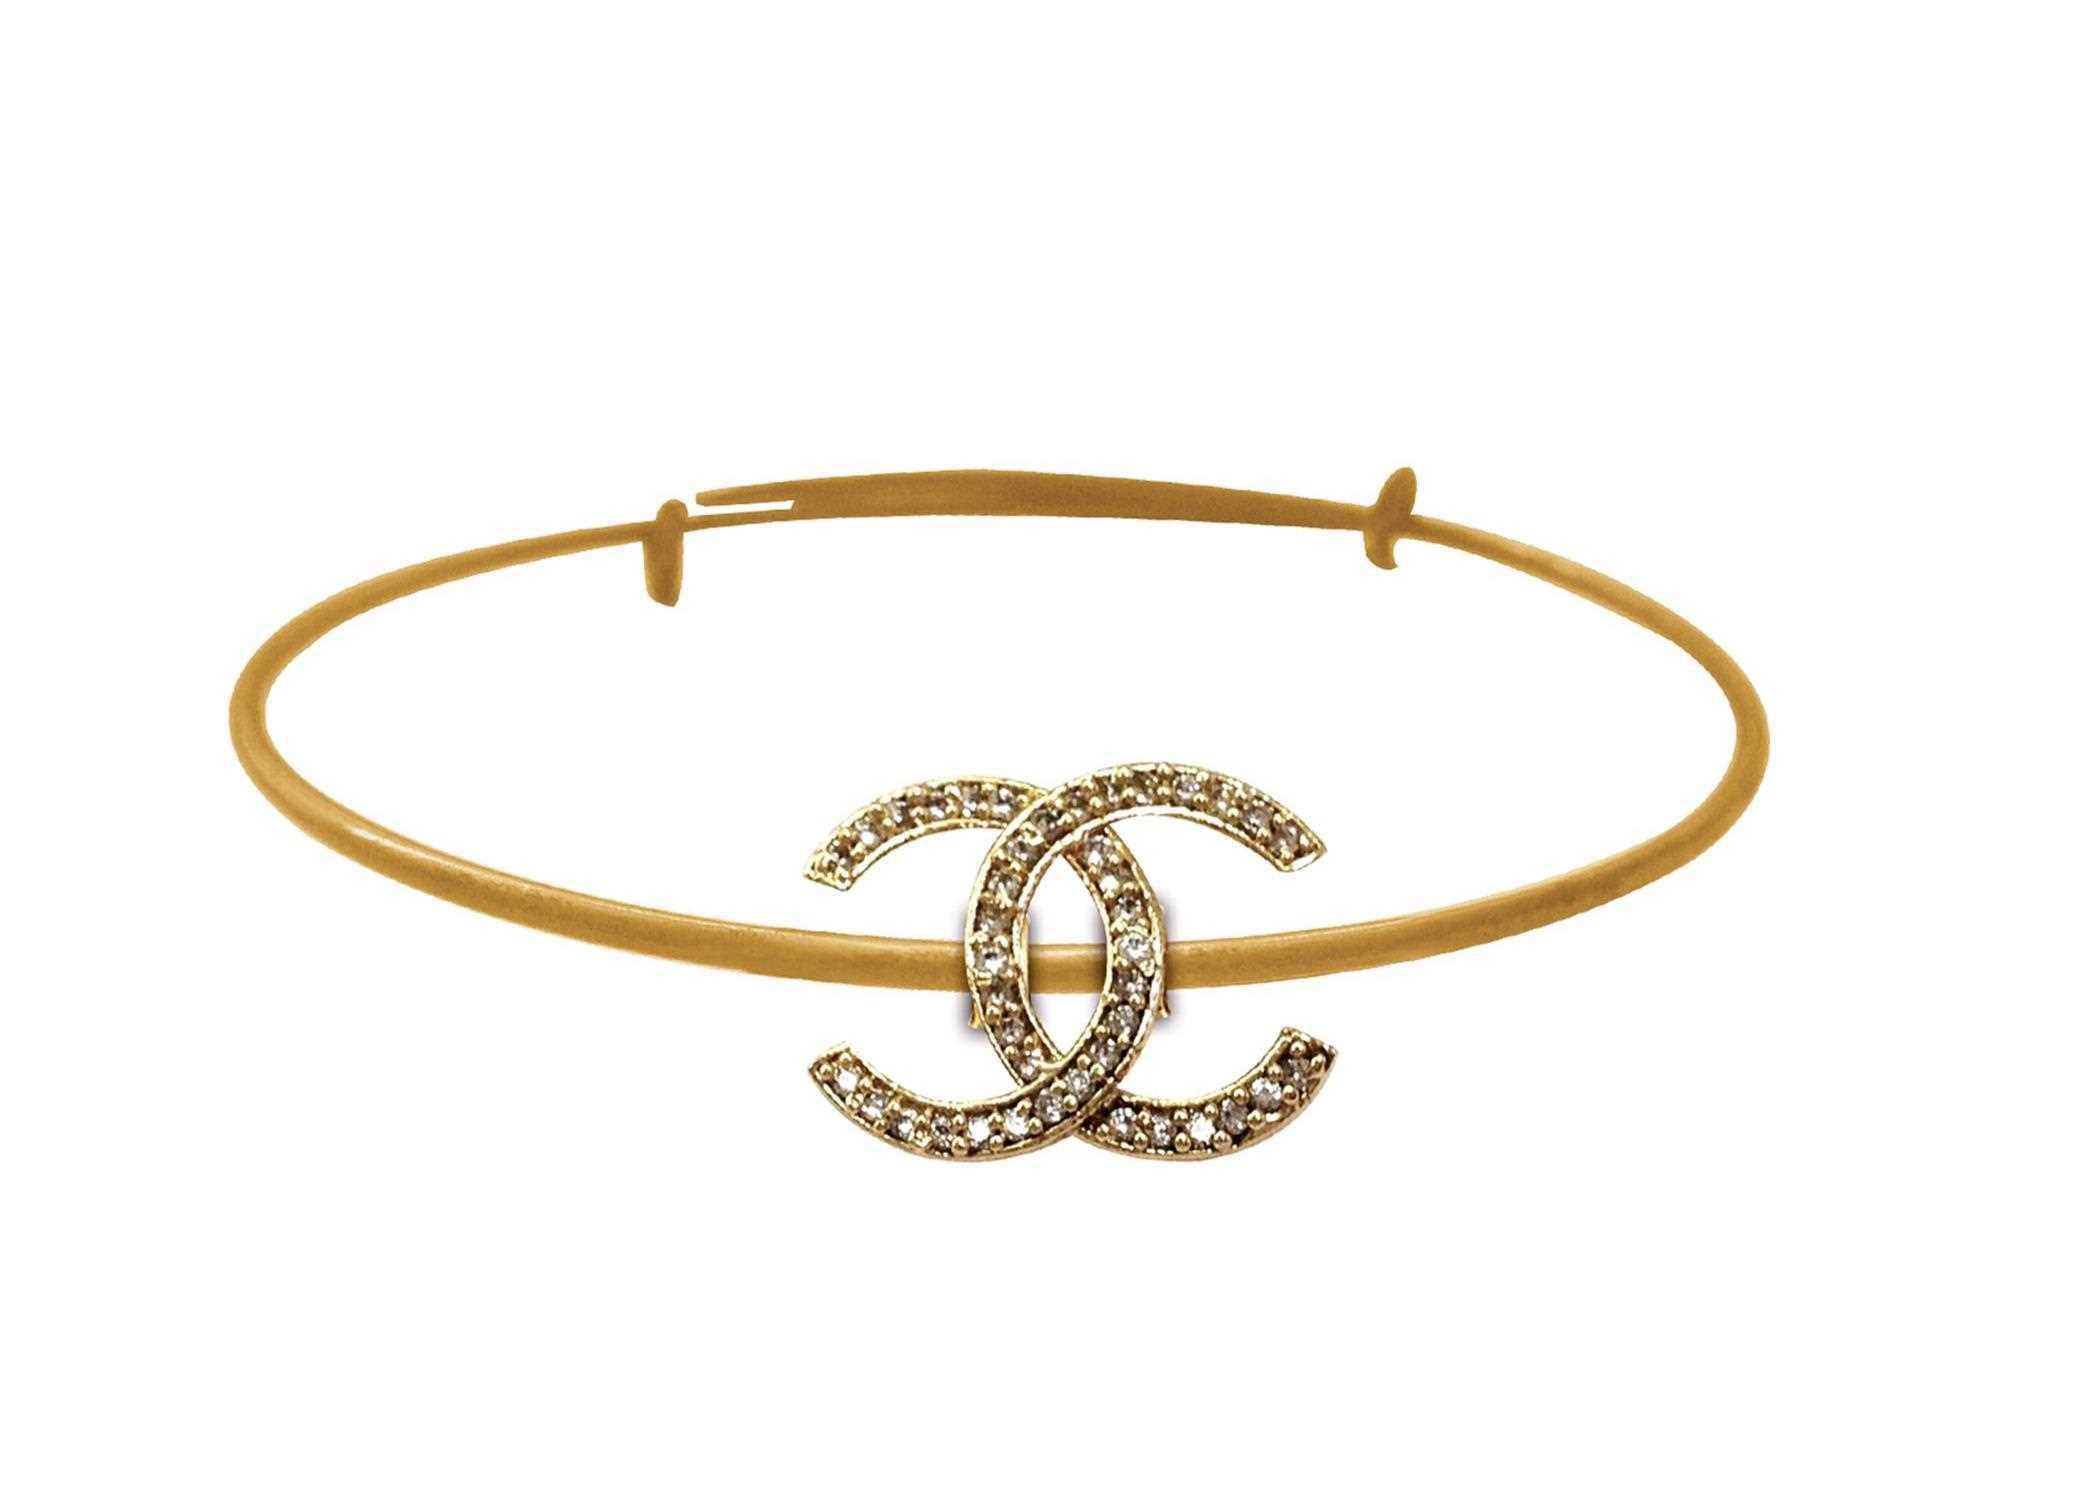 5b8509201d4b Gold Plated CZ Studded Chanel Bracelet